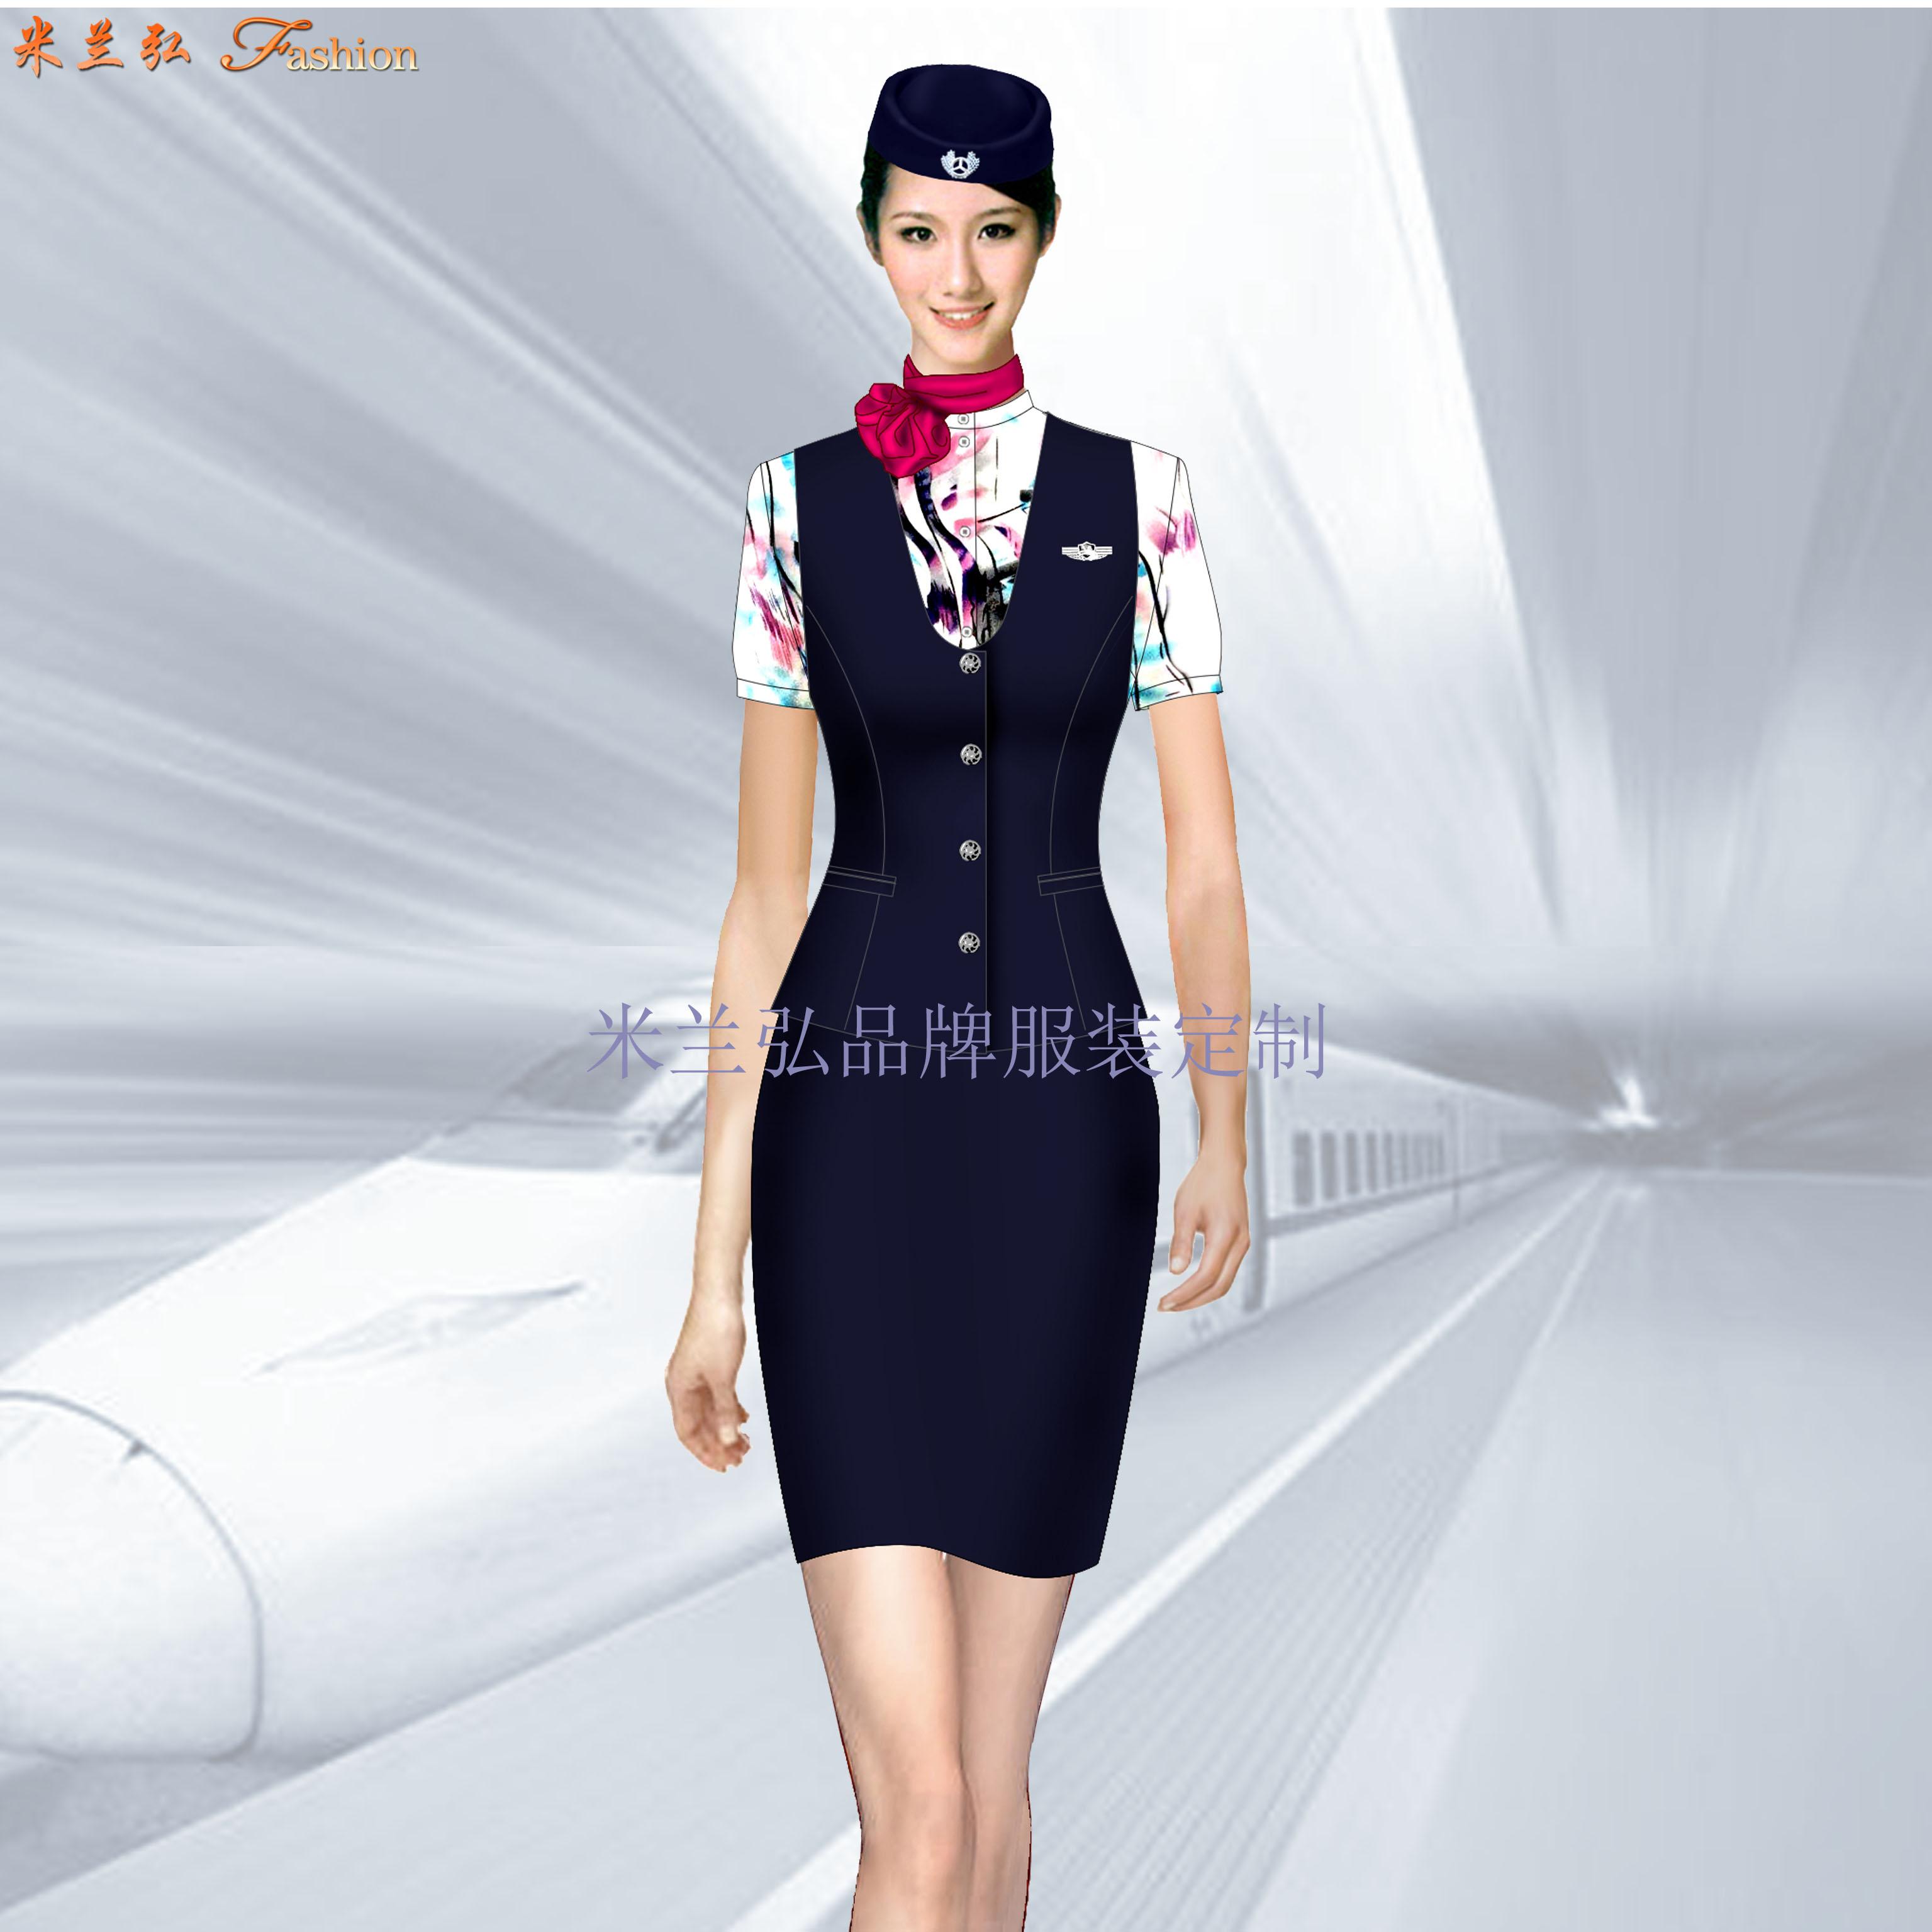 定做空姐服-專業訂制航空公司空姐服-米蘭弘服裝廠家-3